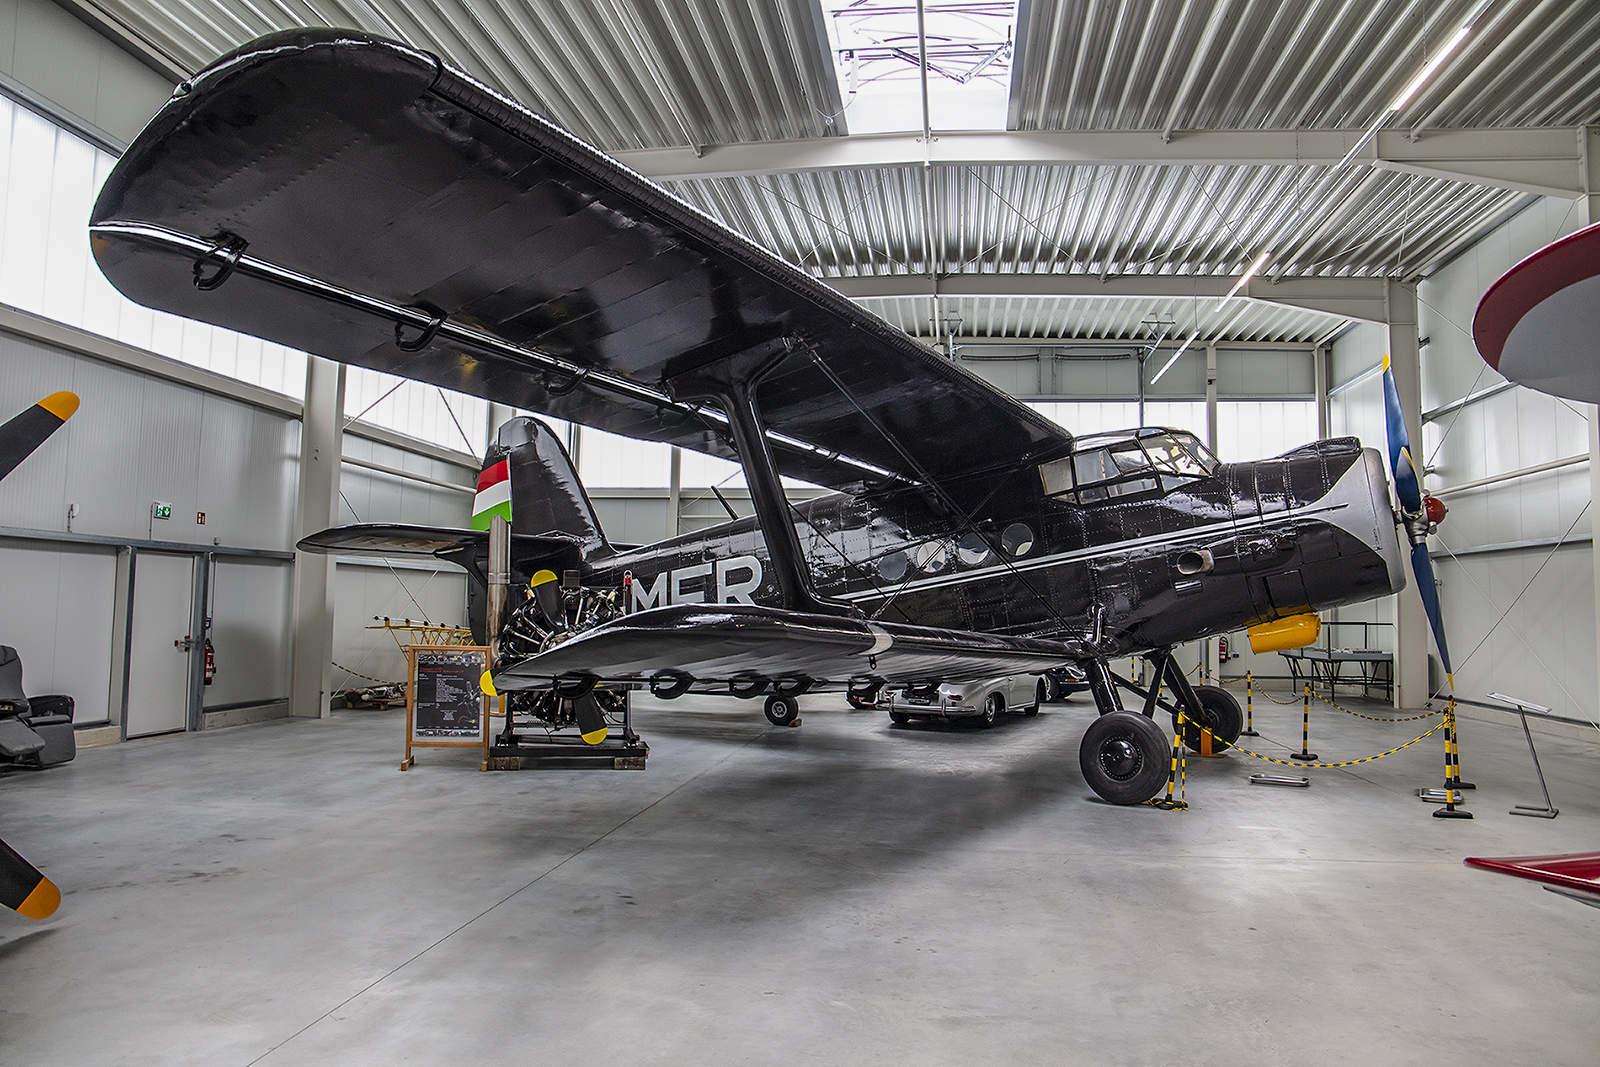 Wernigerode - sehr gut erhaltene An-2